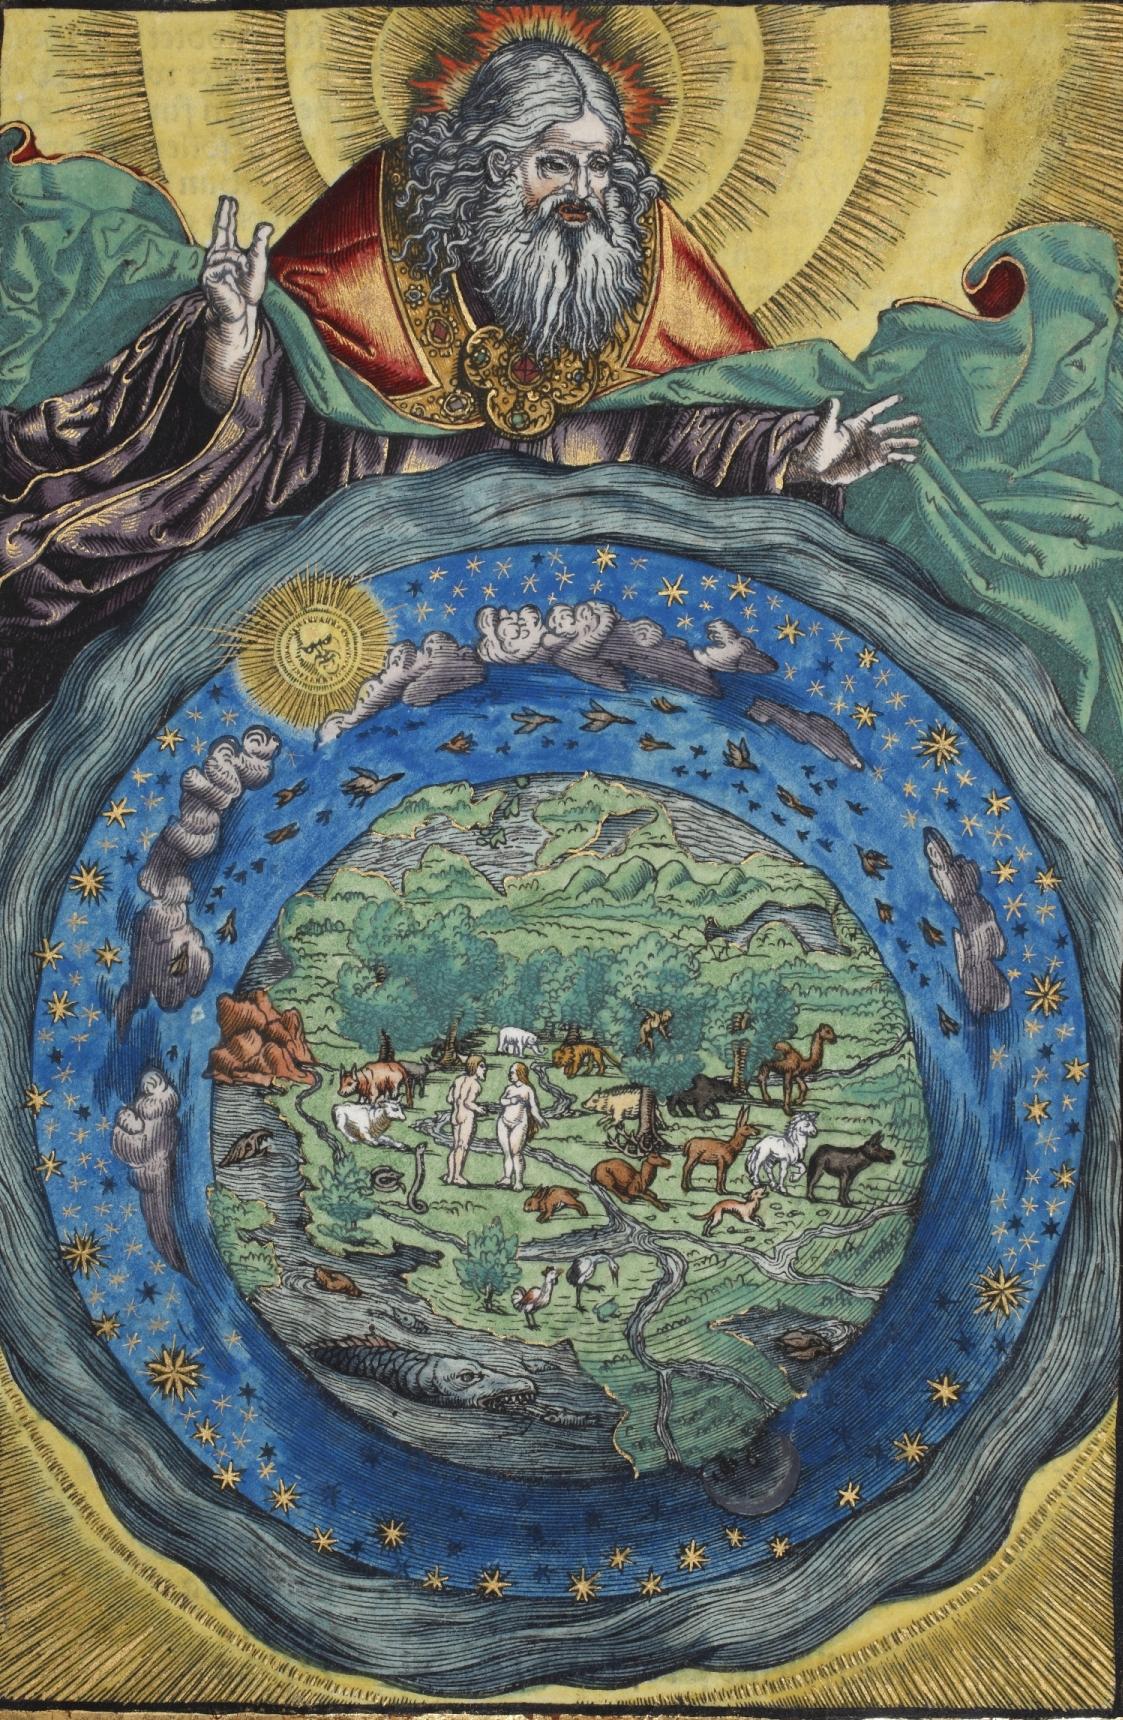 Handkoloriertes Schöpfungsbild aus dem ersten Band der Johannbibel. Abteilung Historische Drucke. Lizenz: CC-BY-NC-SA